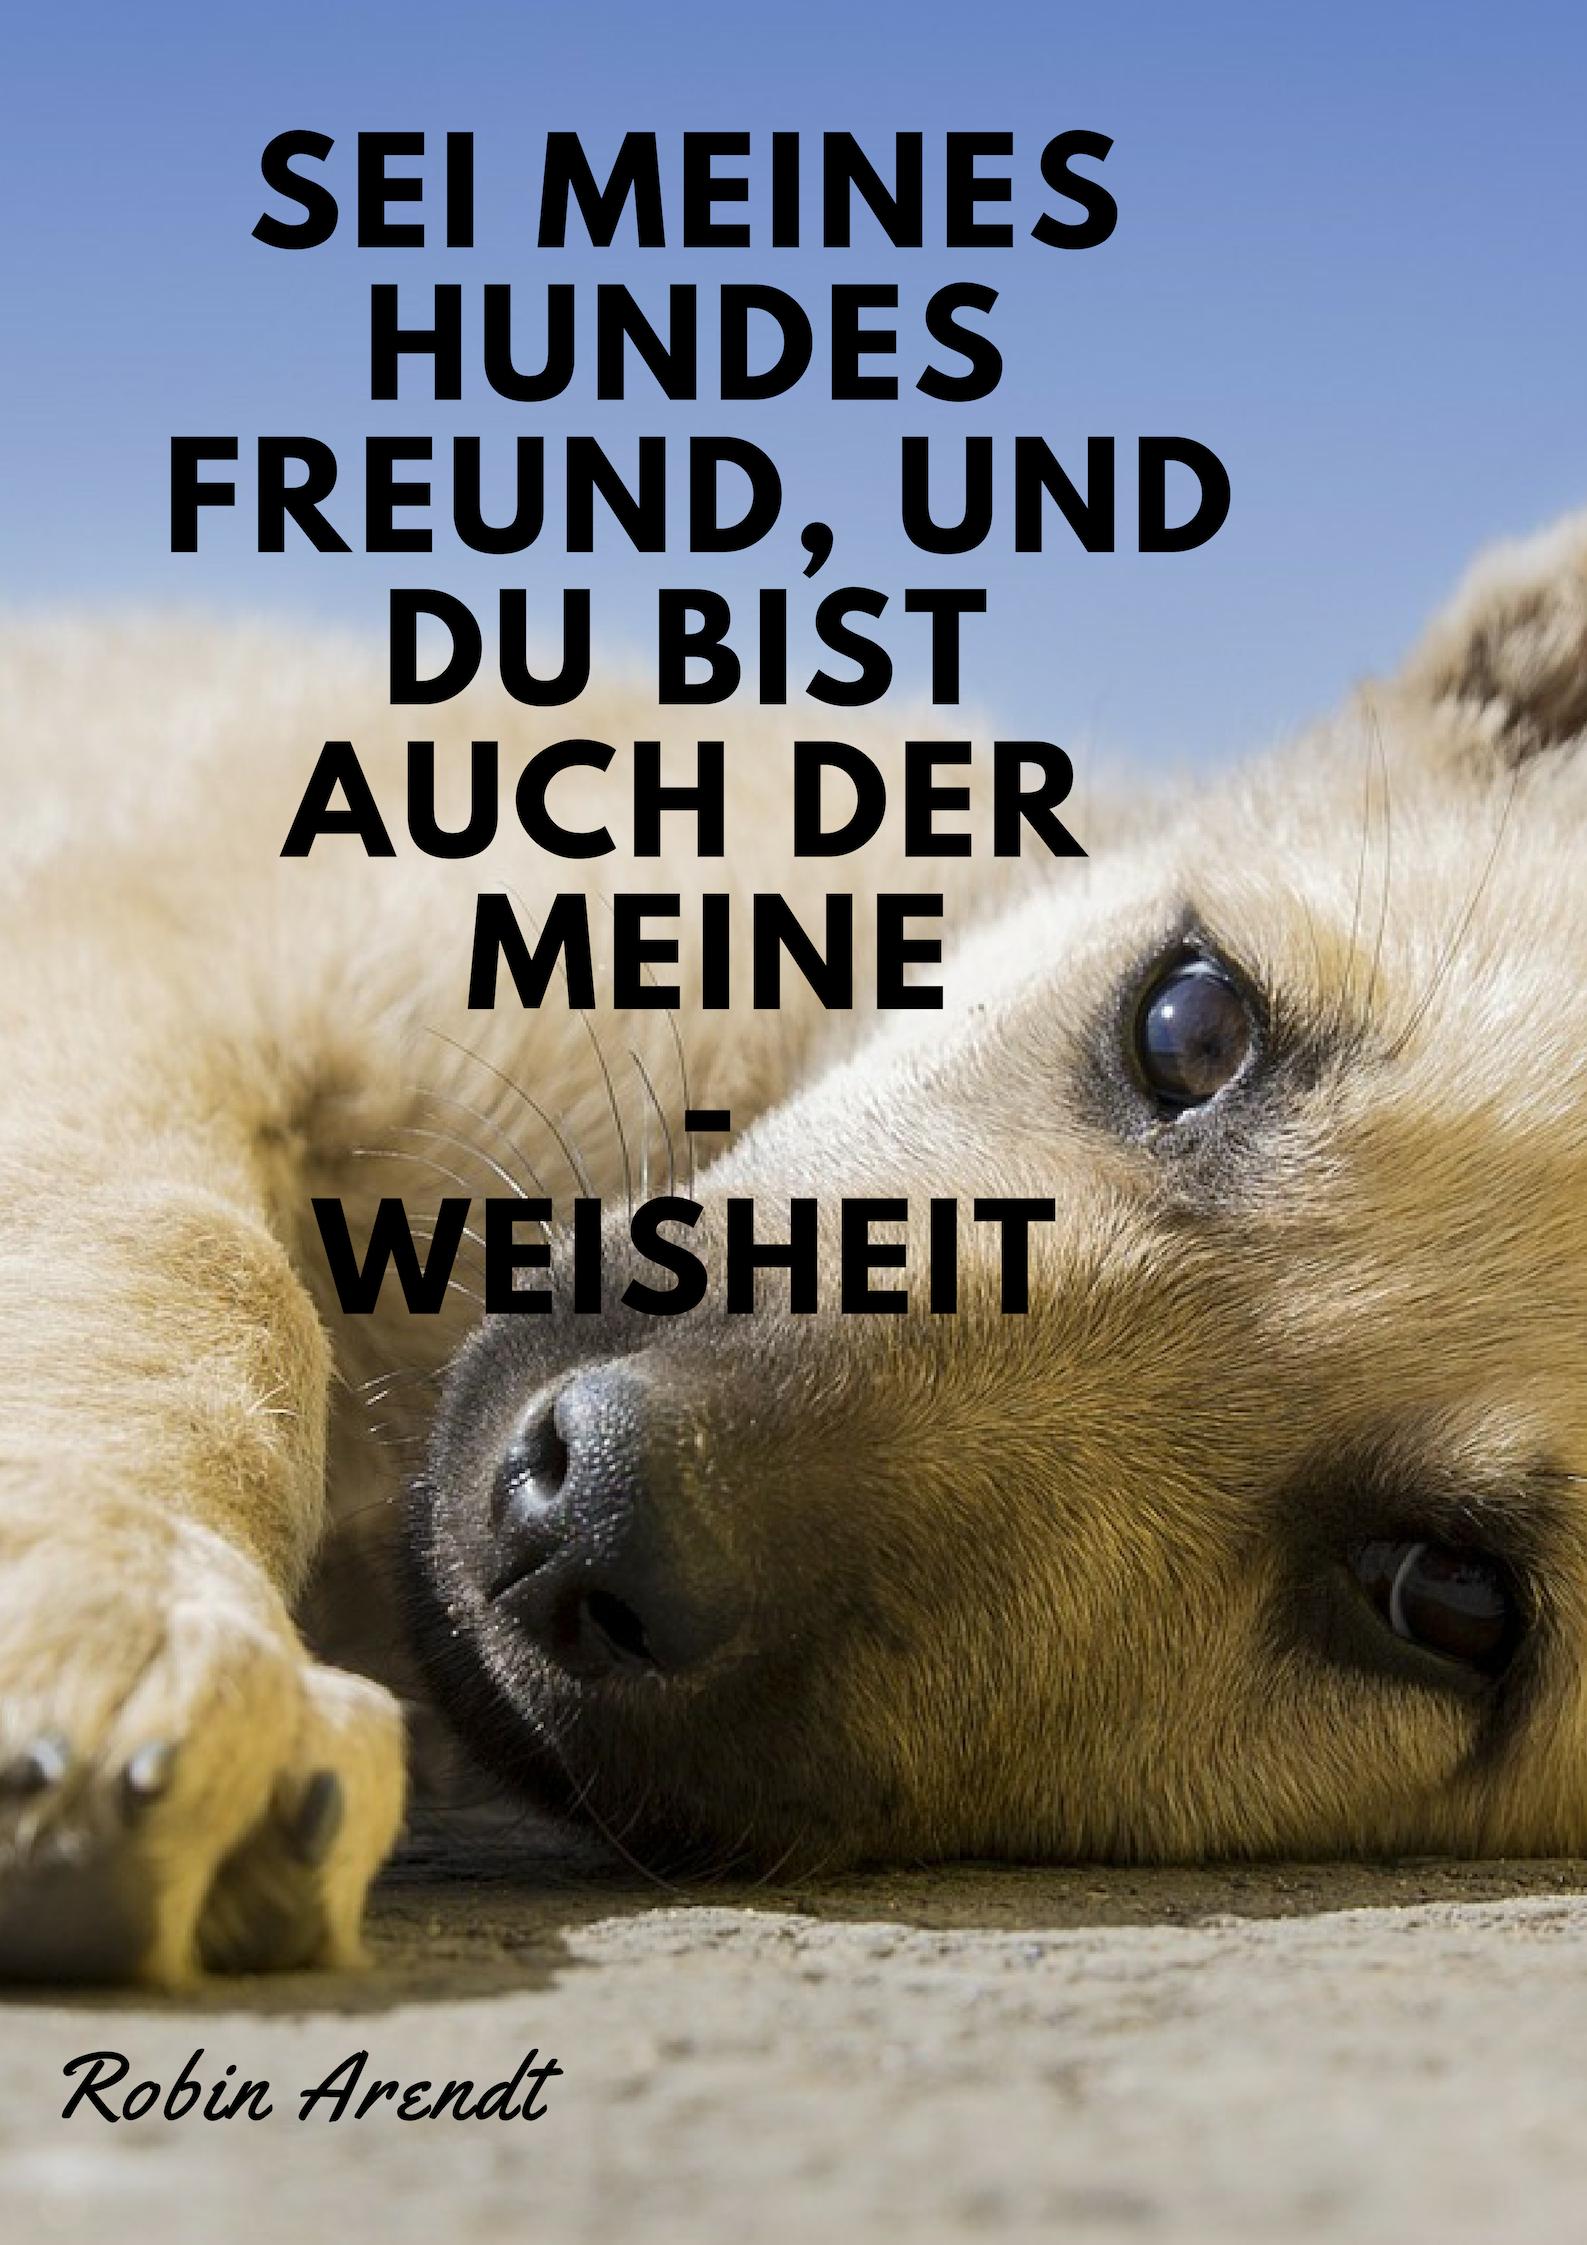 Sei Meines Hundes Freund Und Du Bist Auch Der Meine Weisheit Robin Arendt Hund Zitate Liebe Deutsch Spruche Freundschaft Hund Zitat Hunde Hunde Erziehen